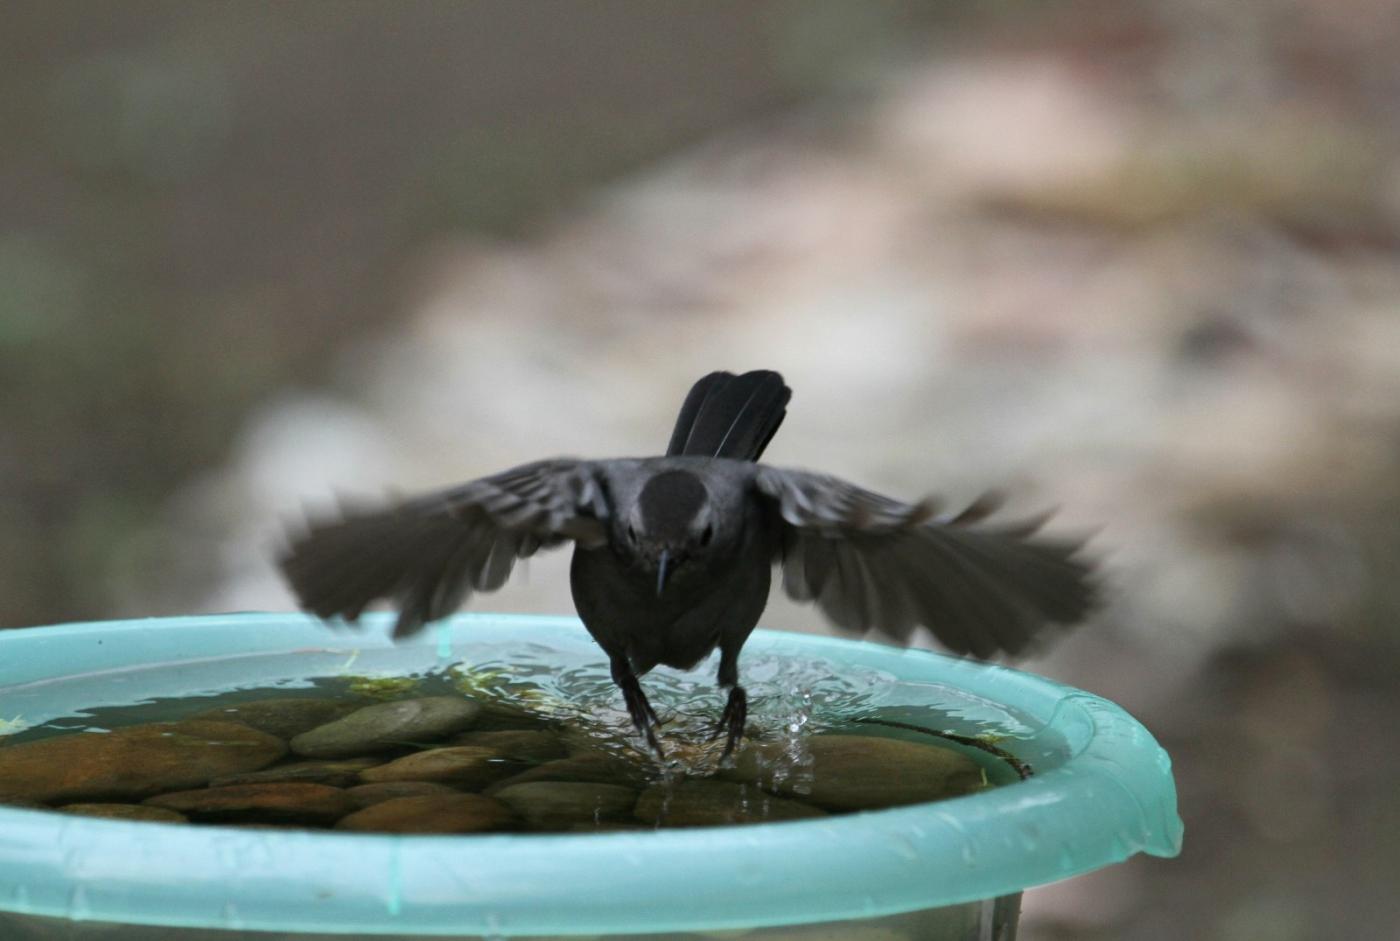 【田螺摄影】摆盆水在后院猫鸟就来淋浴了_图1-9